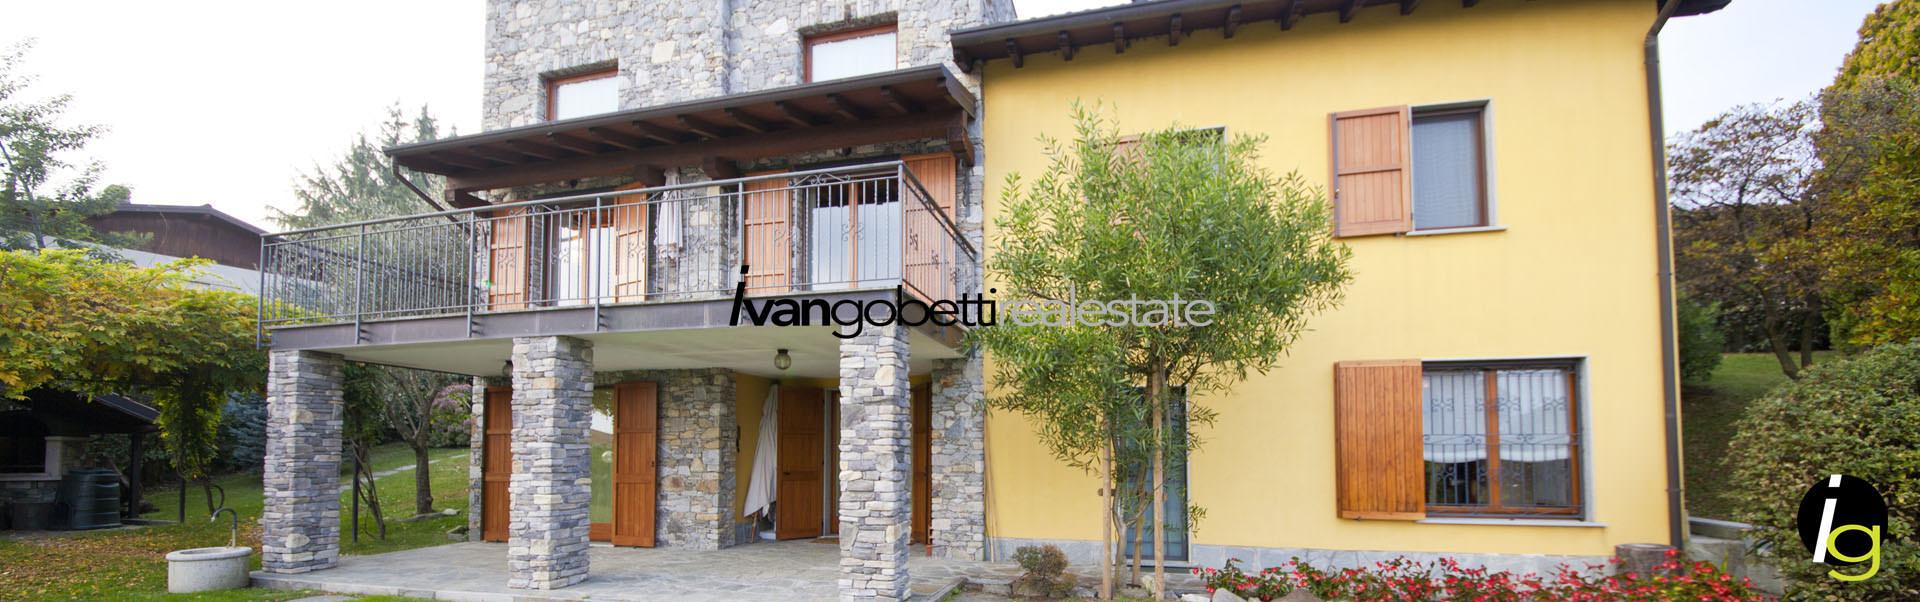 Maggiore See, Massimo Visconti Villa mit Park und Schwimmbad zu verkaufen